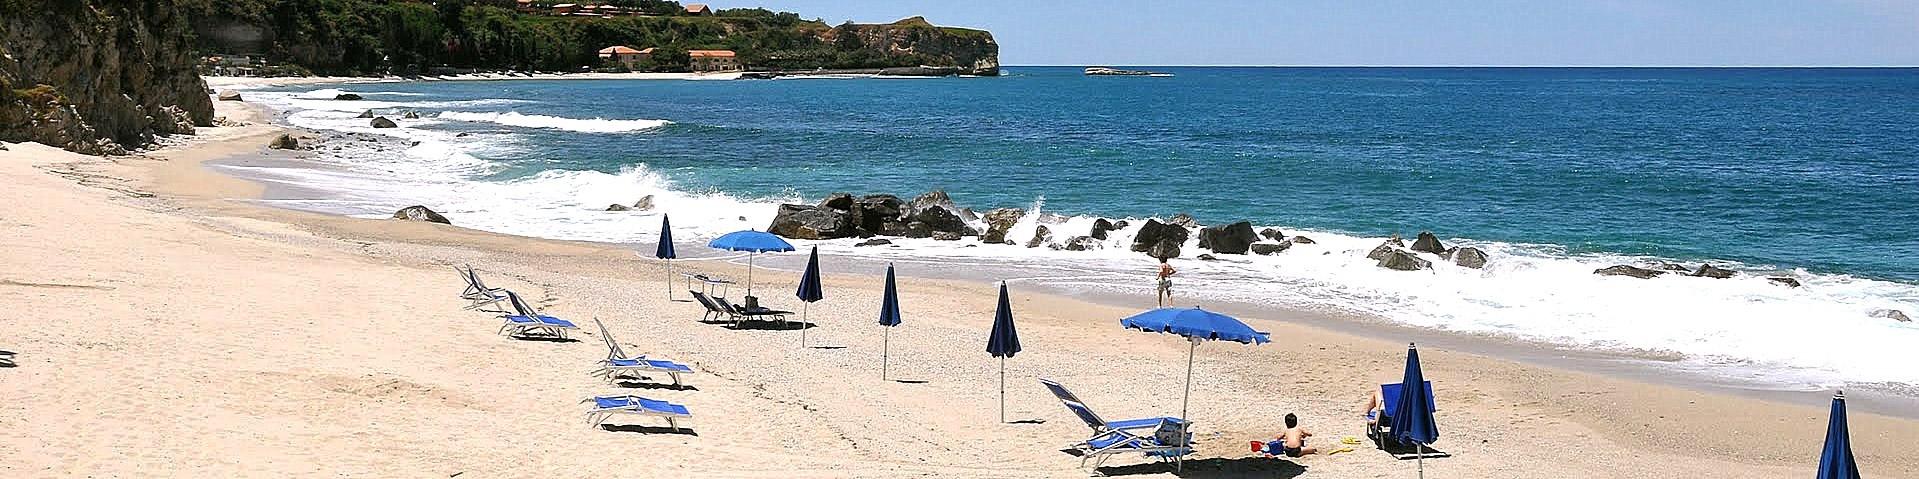 Briatico, pláž Lido San Giuseppe